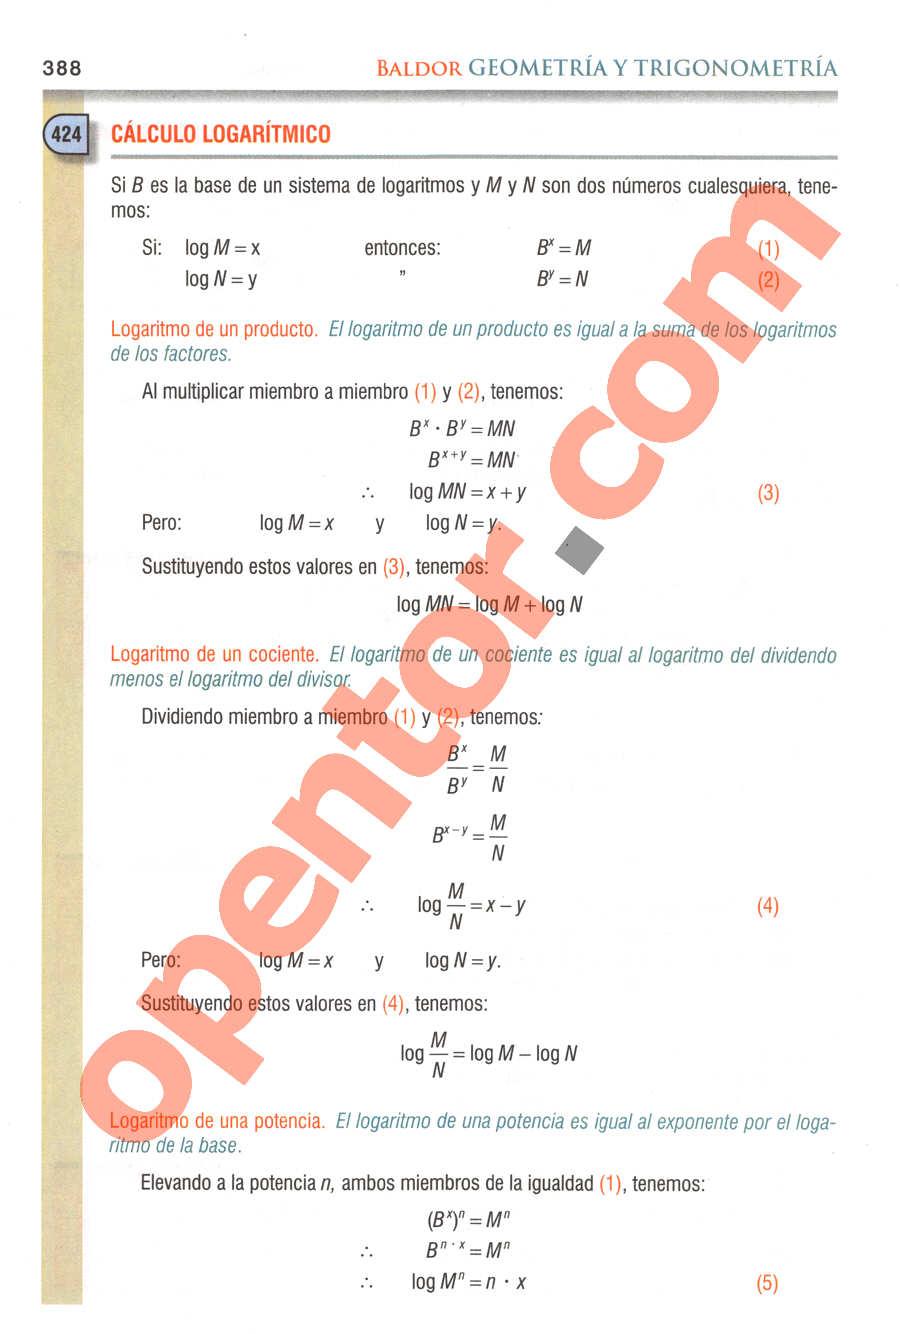 Geometría y Trigonometría de Baldor - Página 388